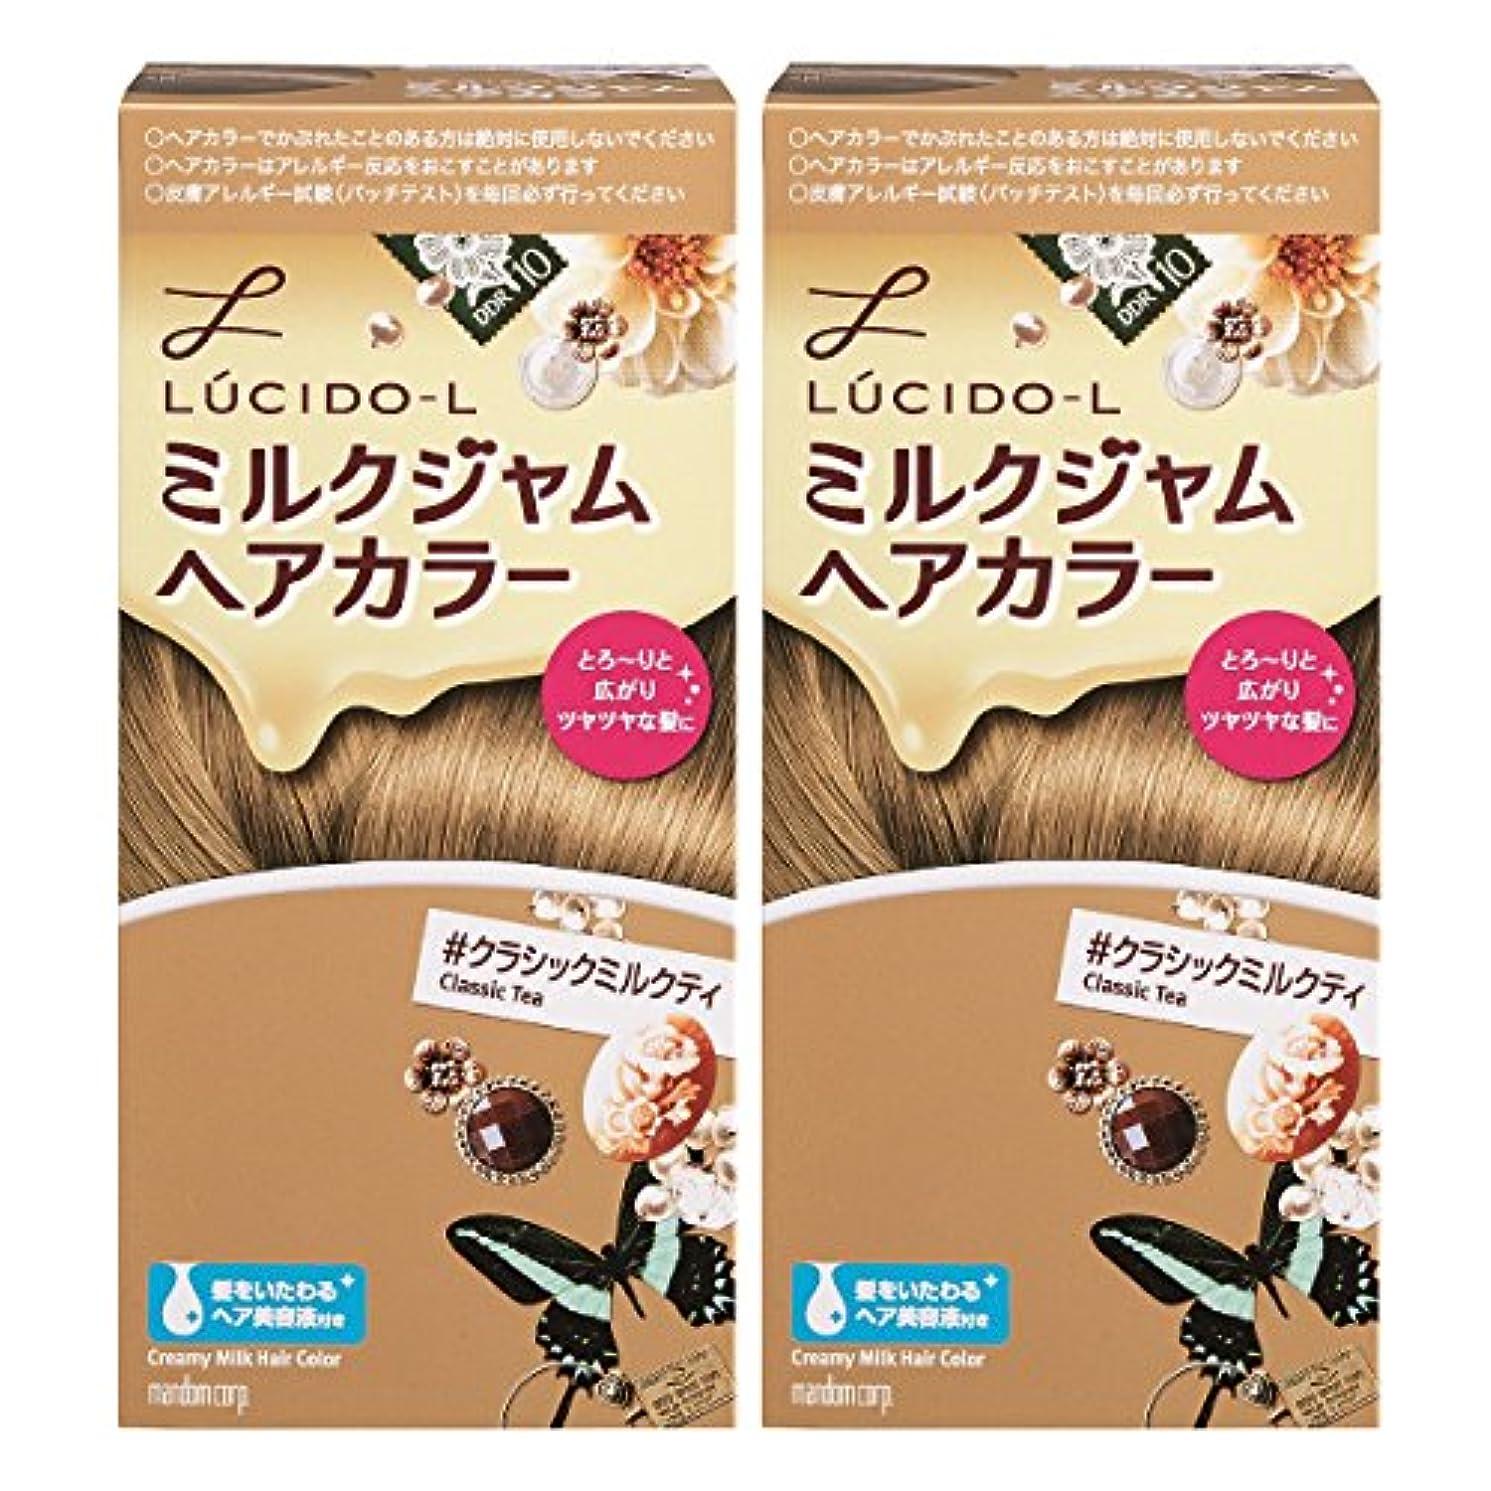 審判純粋なドロー【まとめ買い】LUCIDO-L (ルシードエル) ミルクジャムヘアカラー #クラシックミルクティ×2個パック(医薬部外品)